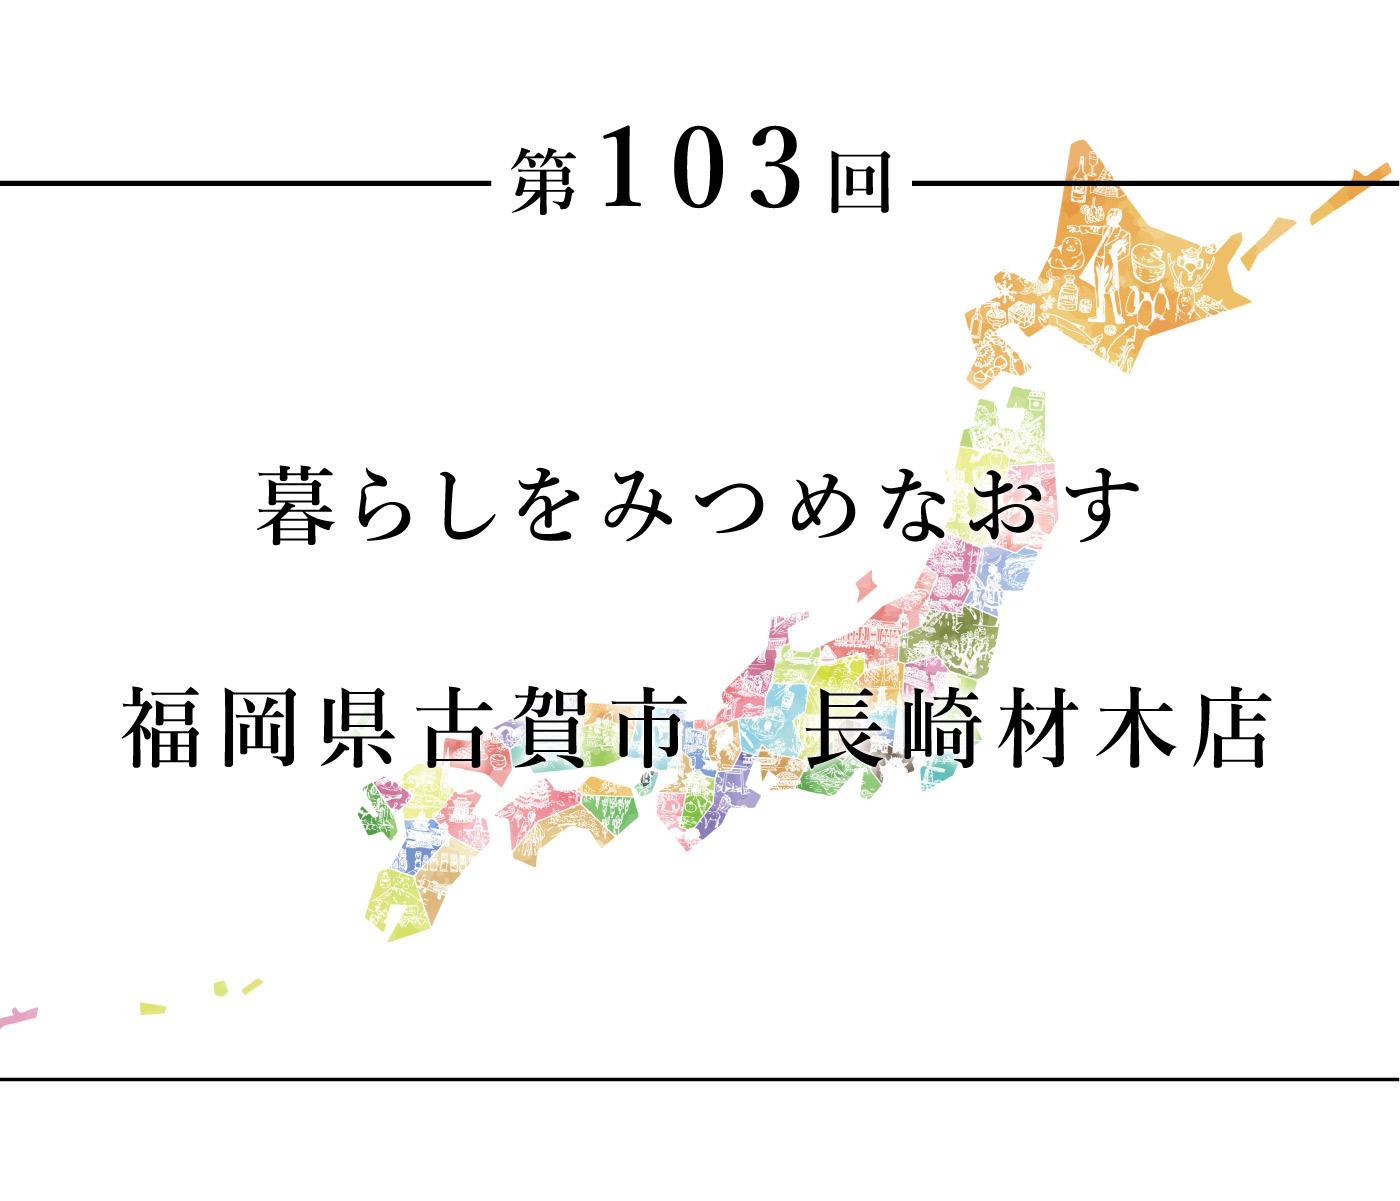 ちいきのたより第103回暮らしをみつめなおす福岡県古賀市 長崎材木店